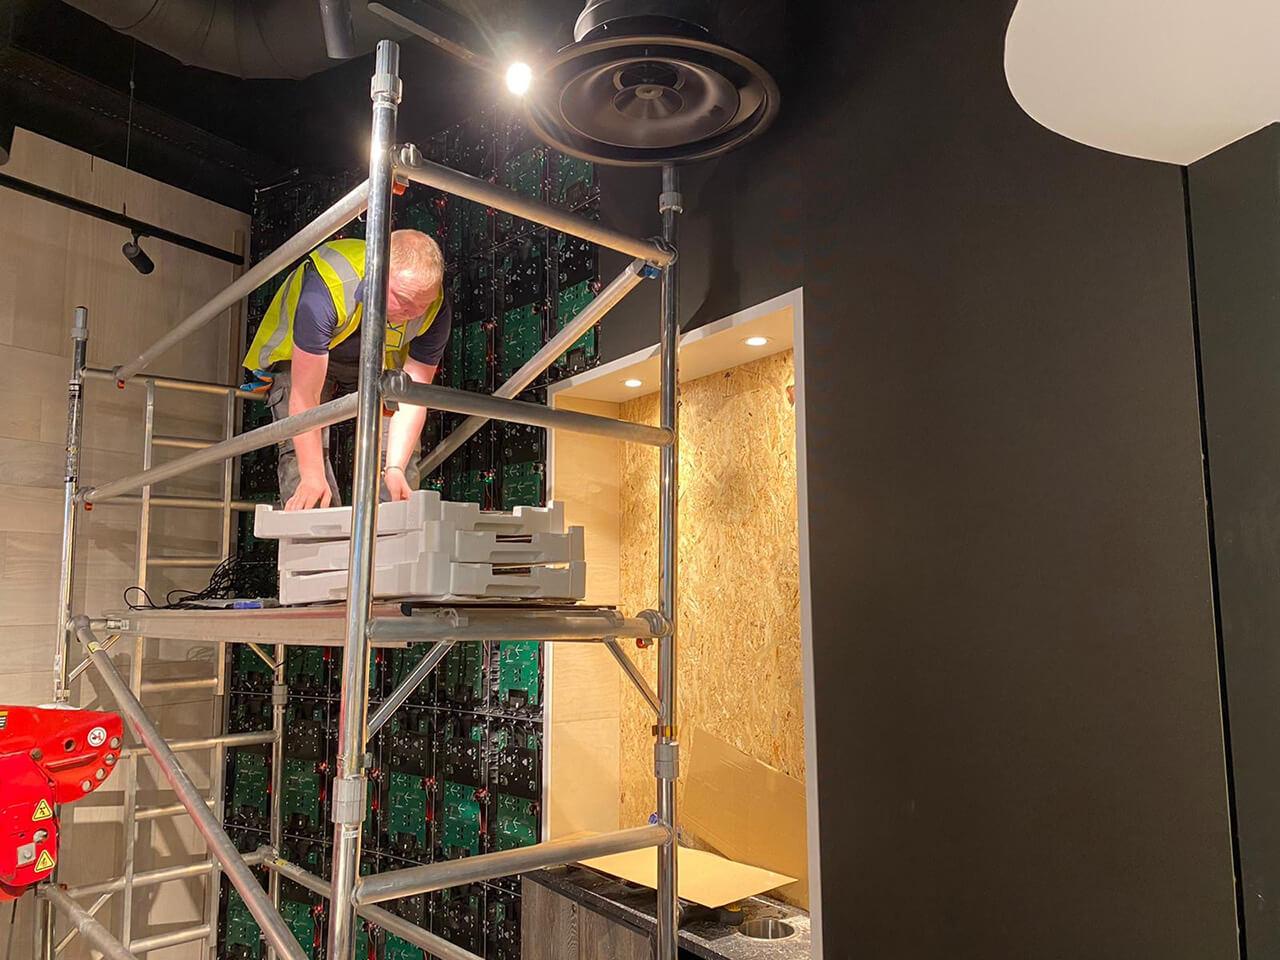 Eclipse Digital Media - Digital Signage, LED and AV Specialists - Krispy Kreme Westfield Stratford LED